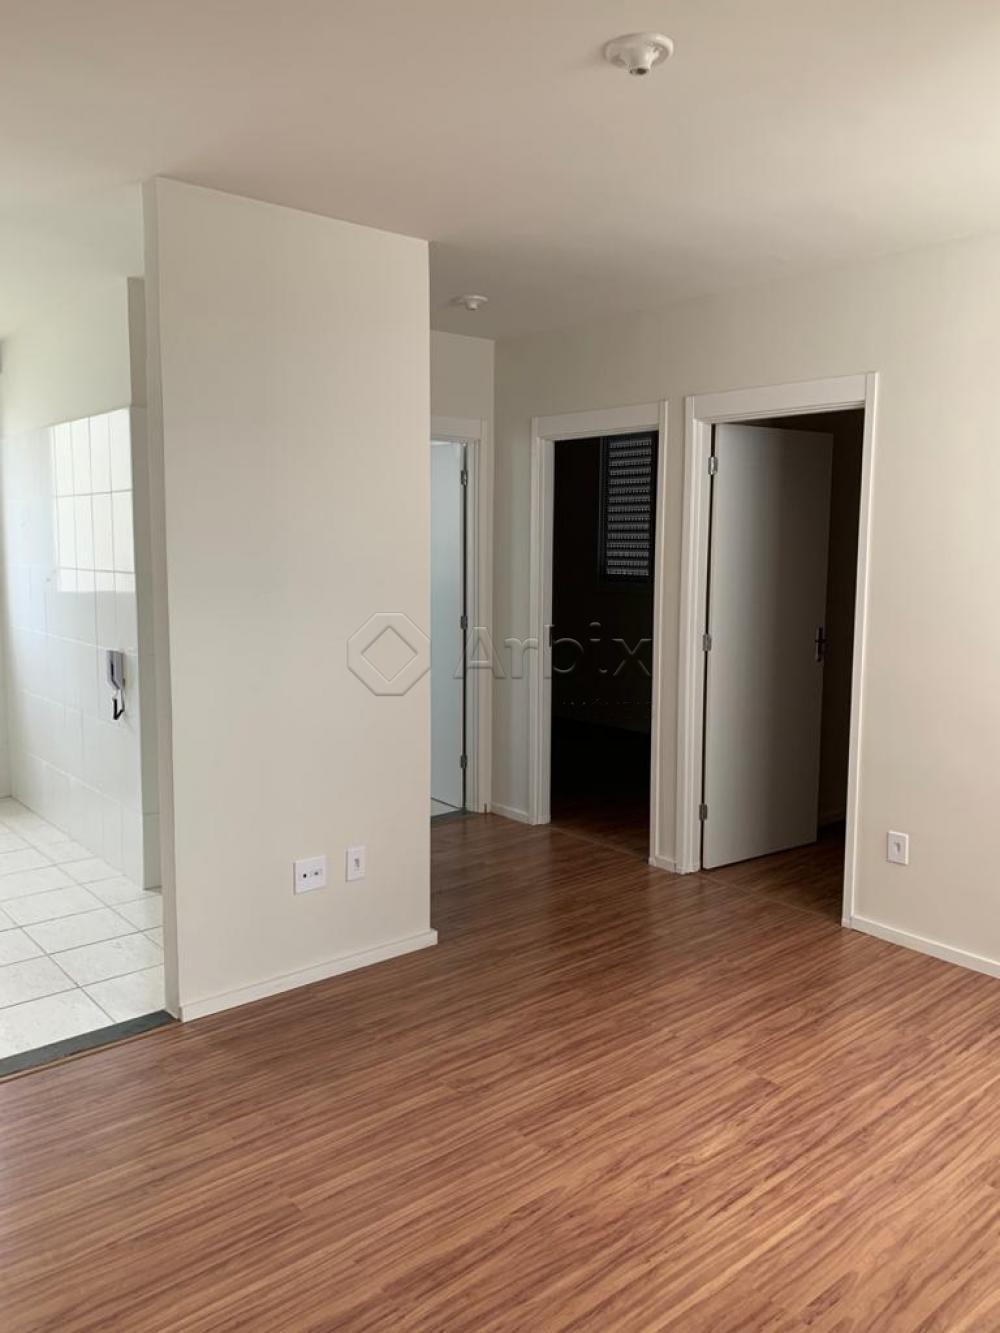 Alugar Apartamento / Padrão em Santa Bárbara D`Oeste apenas R$ 687,00 - Foto 1